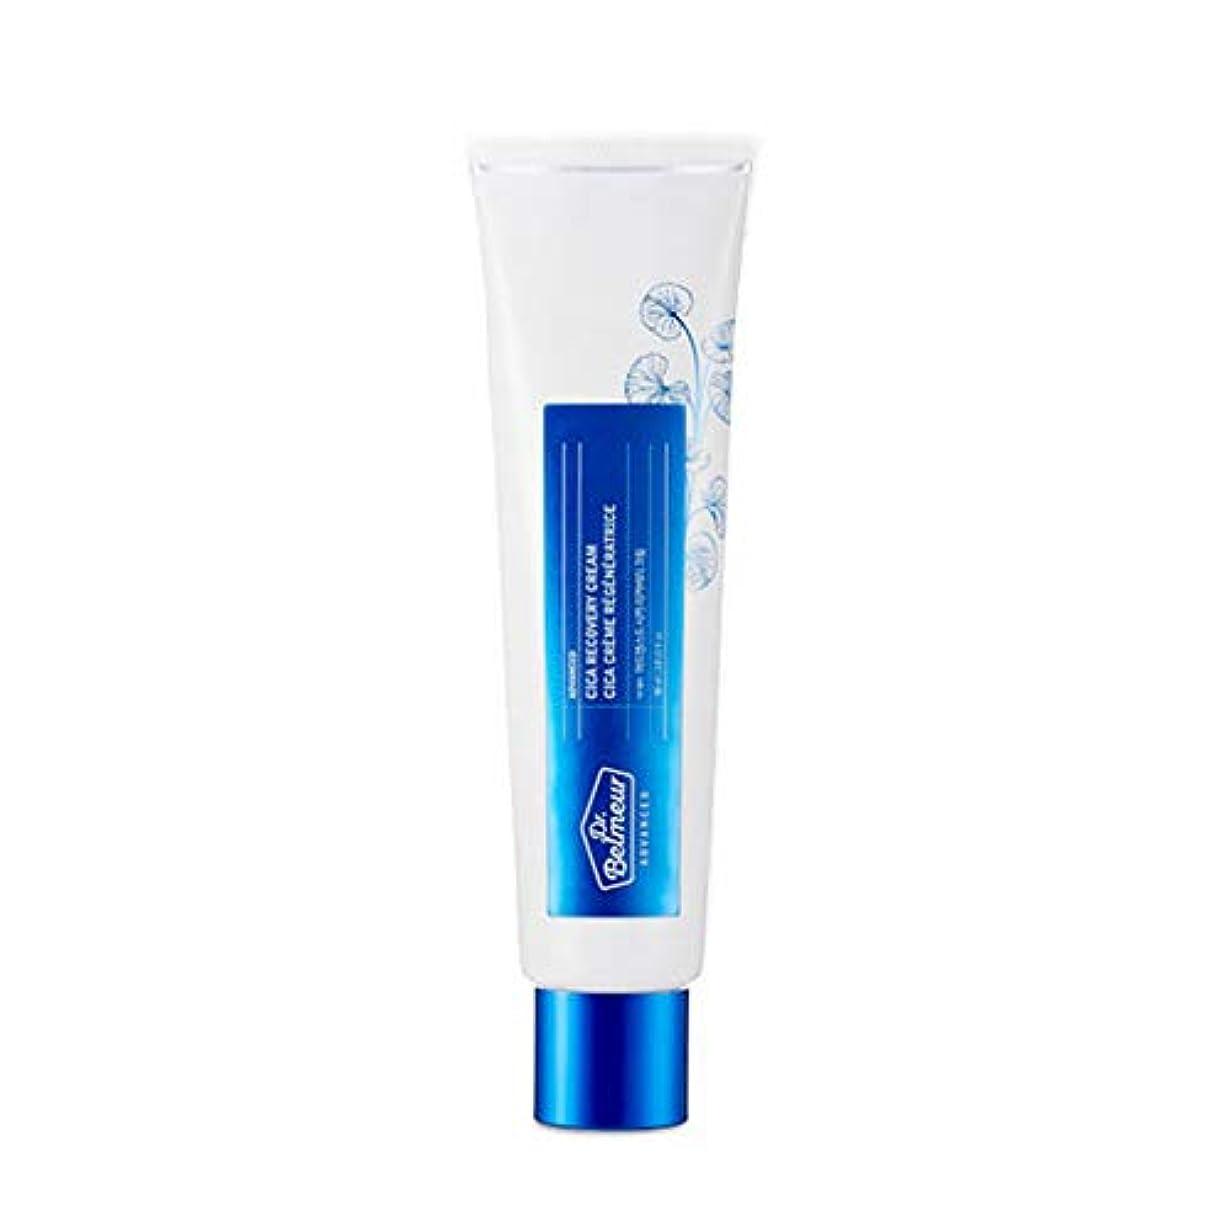 デマンド受粉する才能ザ?フェイスショップドクターベルモアドバンスドシカリカバリークリーム60ml 韓国コスメ、The Face Shop Dr.Belmeur Advanced Cica Recovery Cream 60ml Korean...